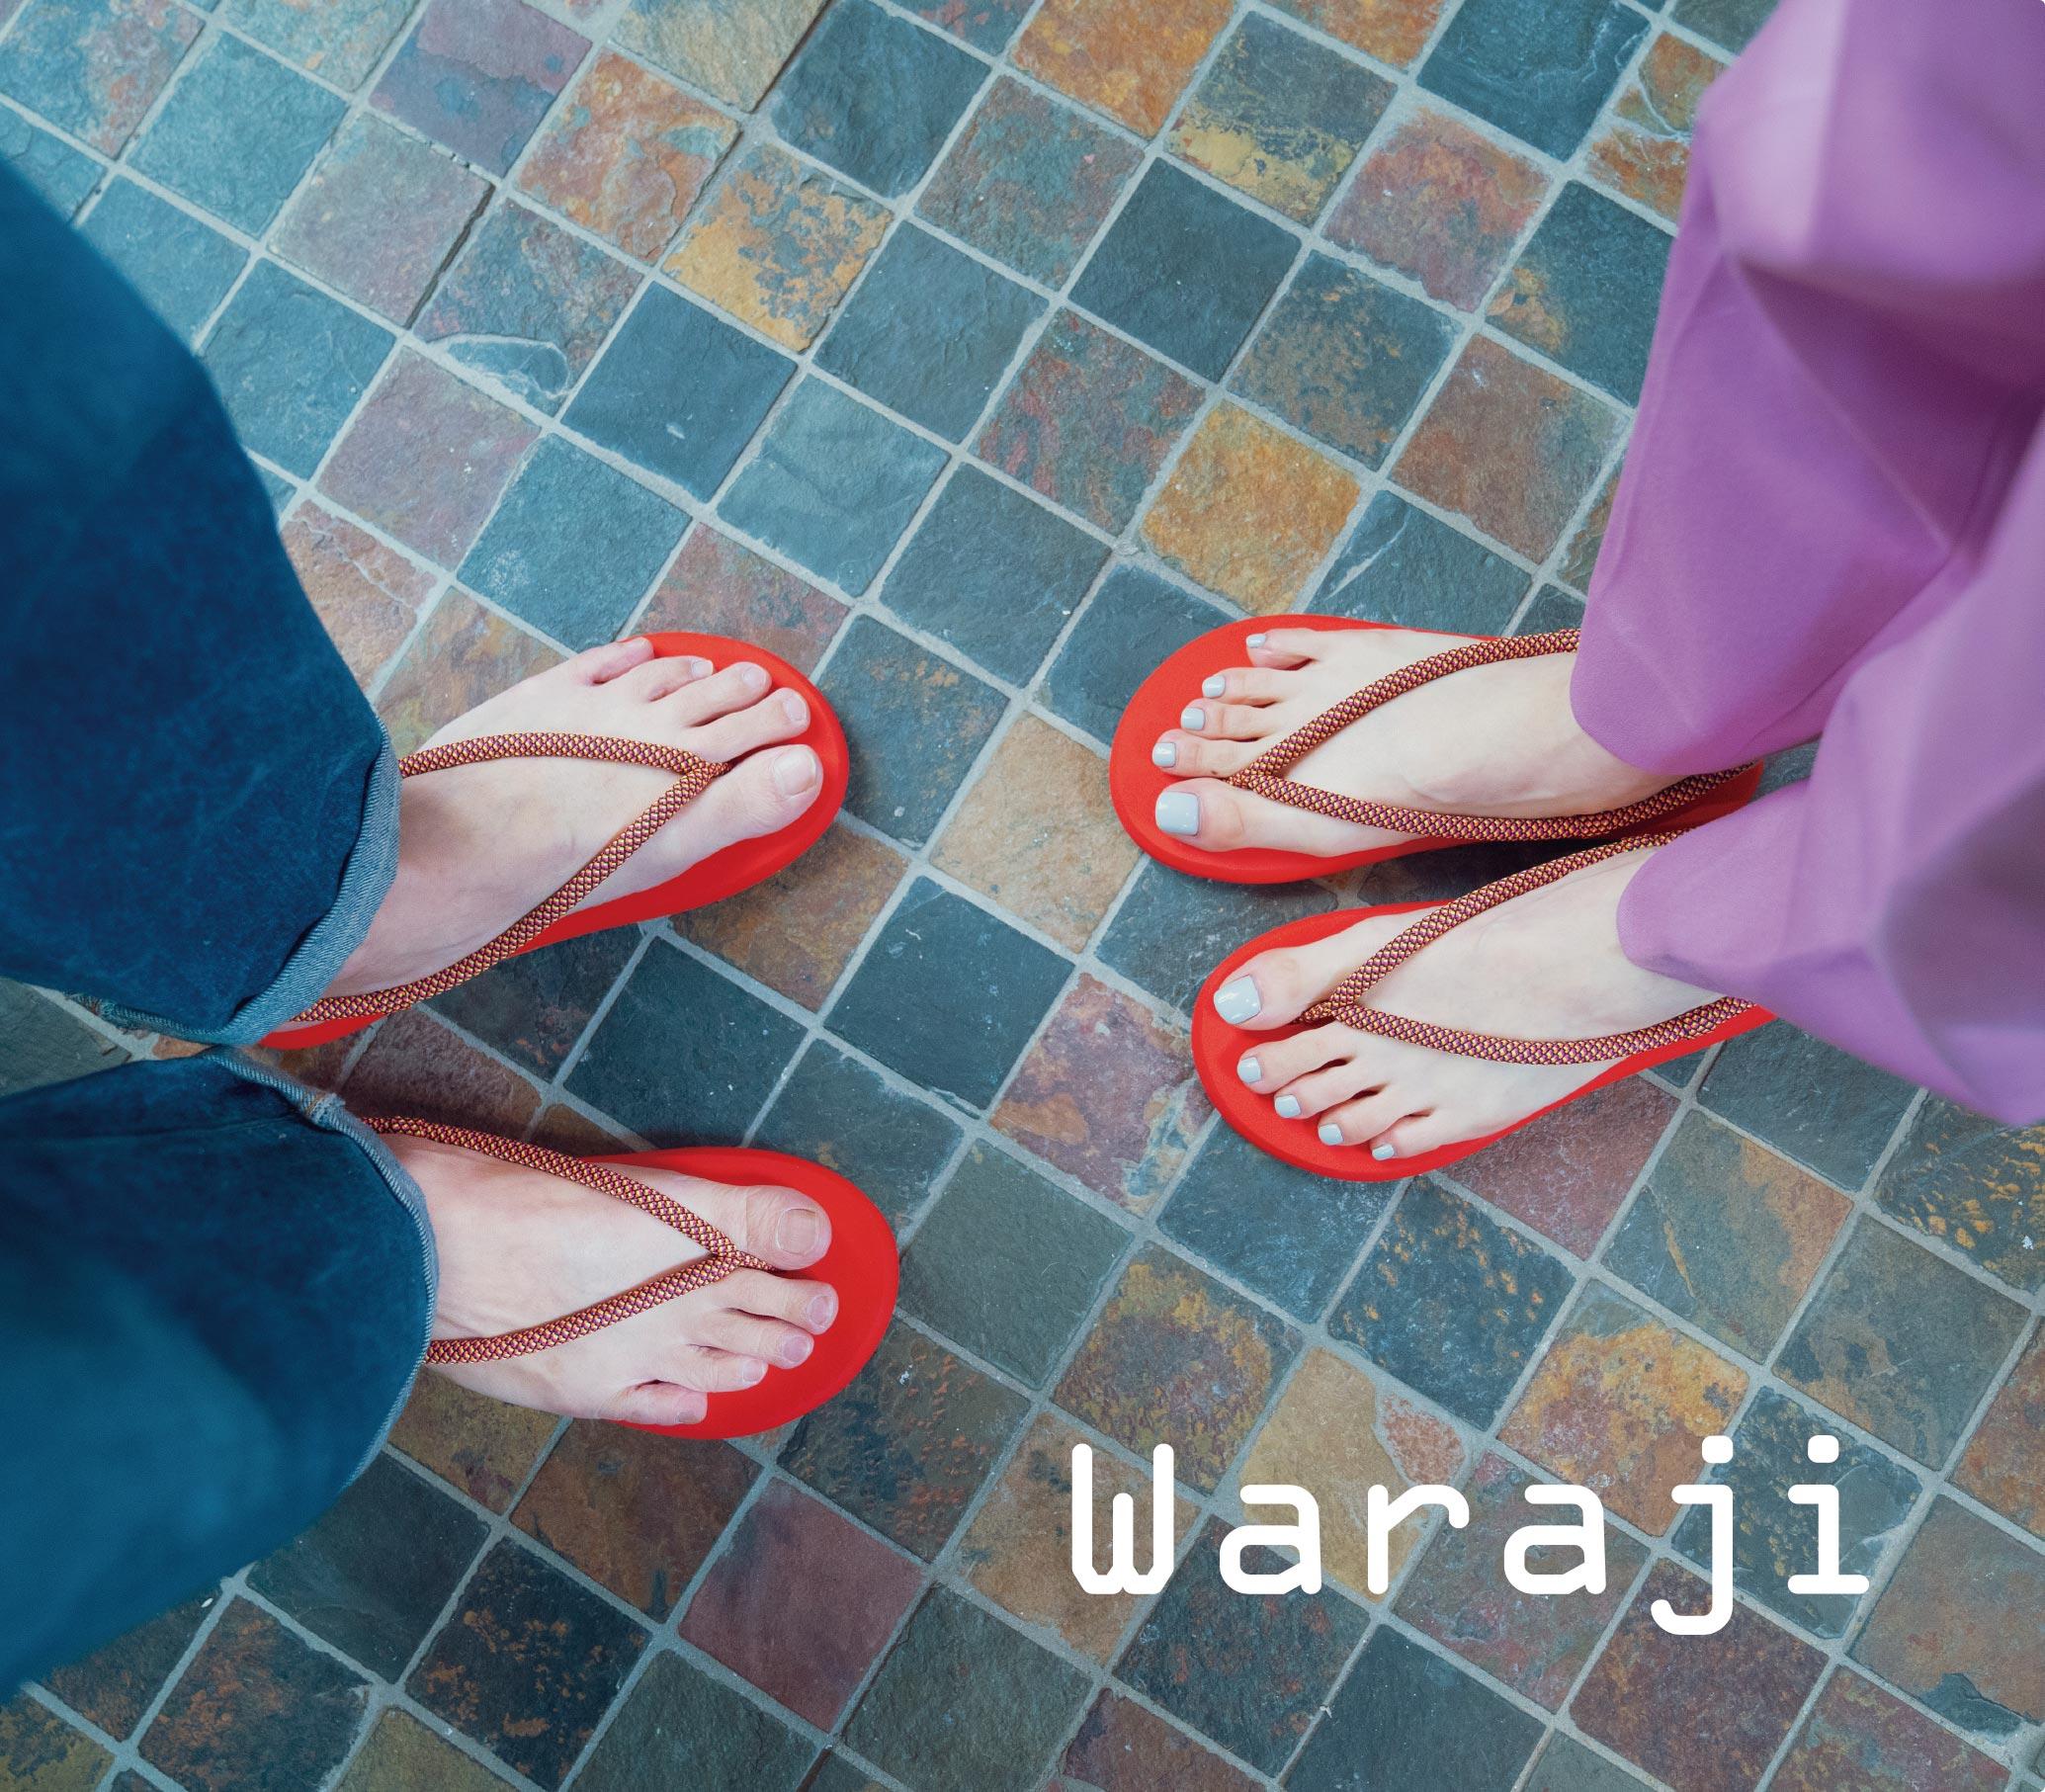 Waraji